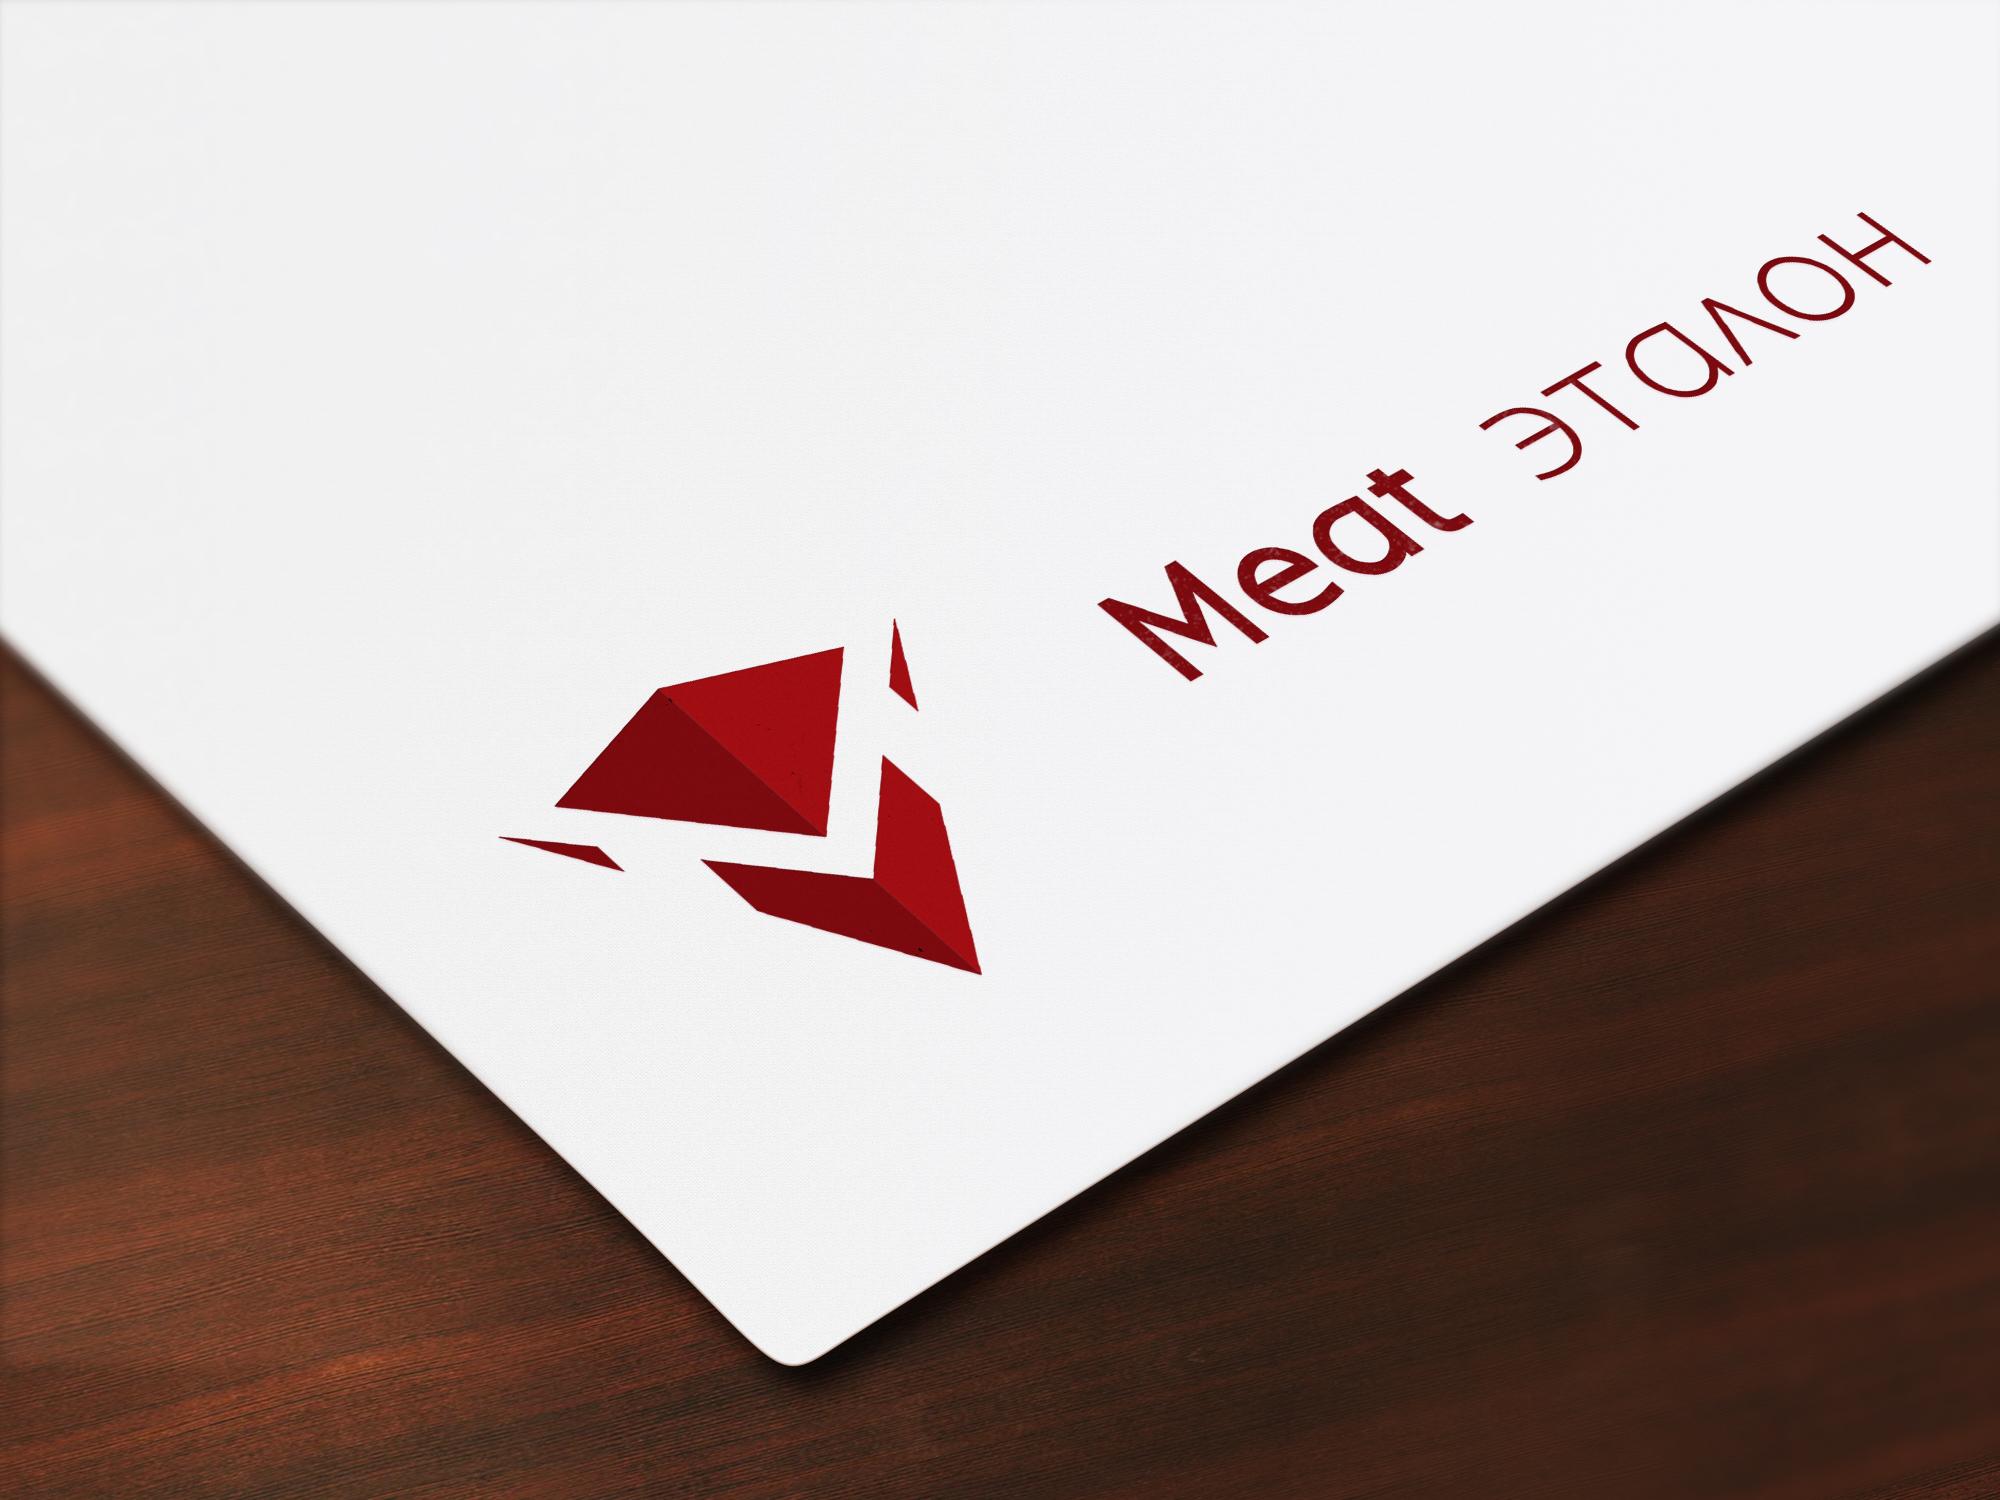 Логотип компании «Meat эталон» фото f_69756fe937e529a4.jpg